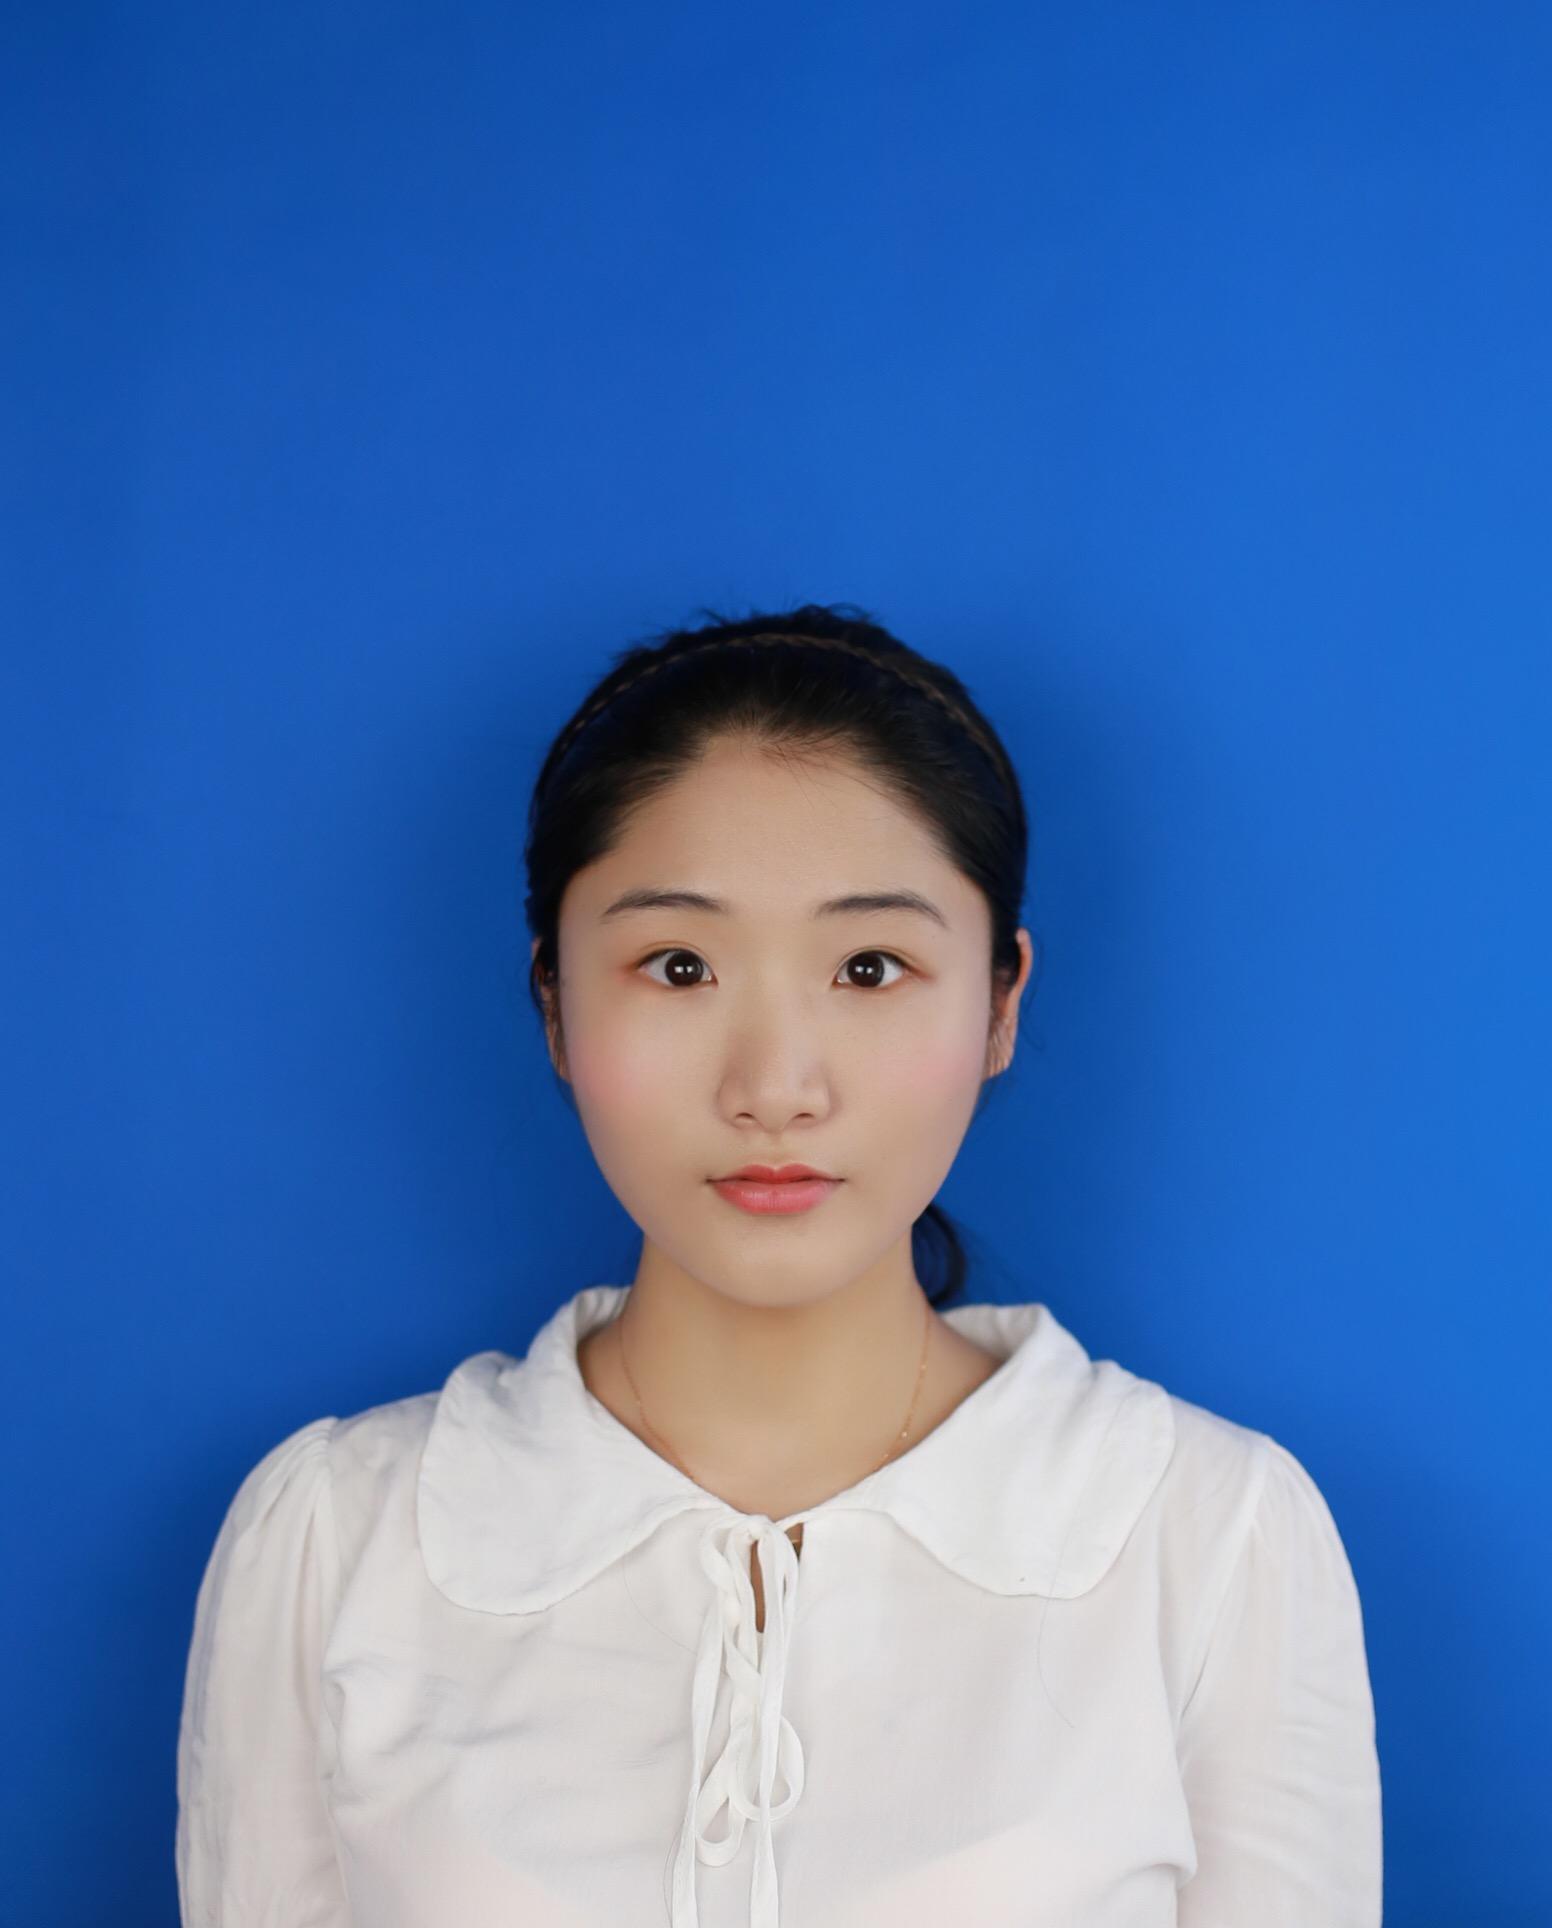 Qile Chen